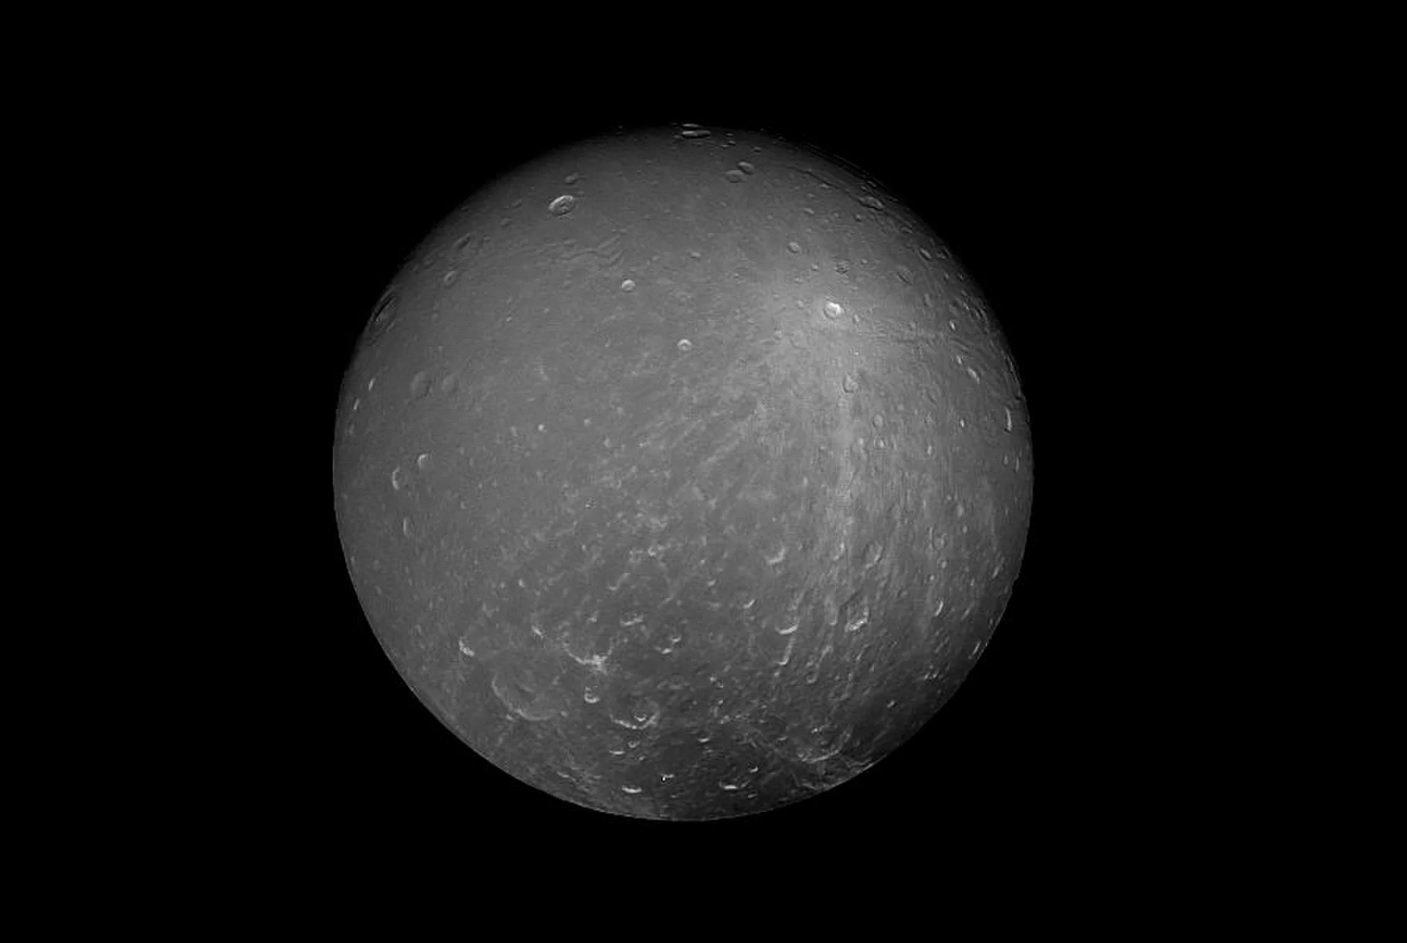 На поверхности одного из спутников Сатурна ученые обнаружили странные разводы